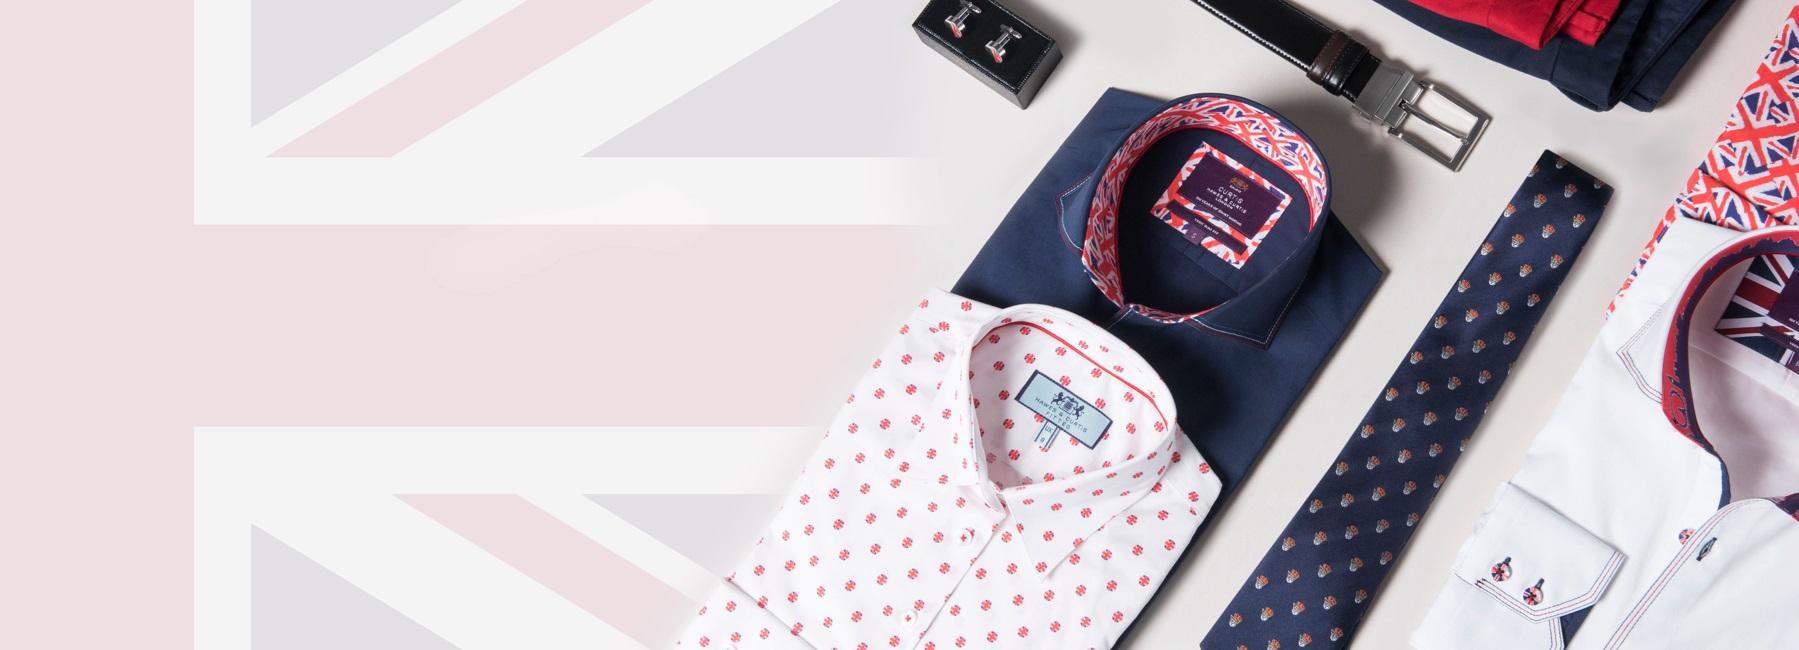 brit chic mode für herren und damen